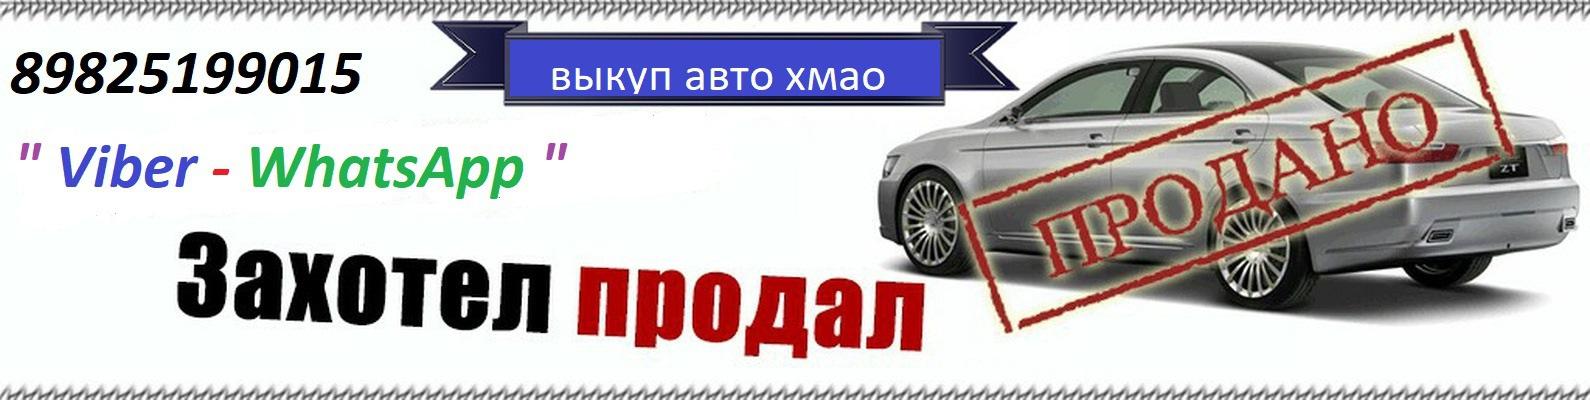 Срочный выкуп авто лангепас